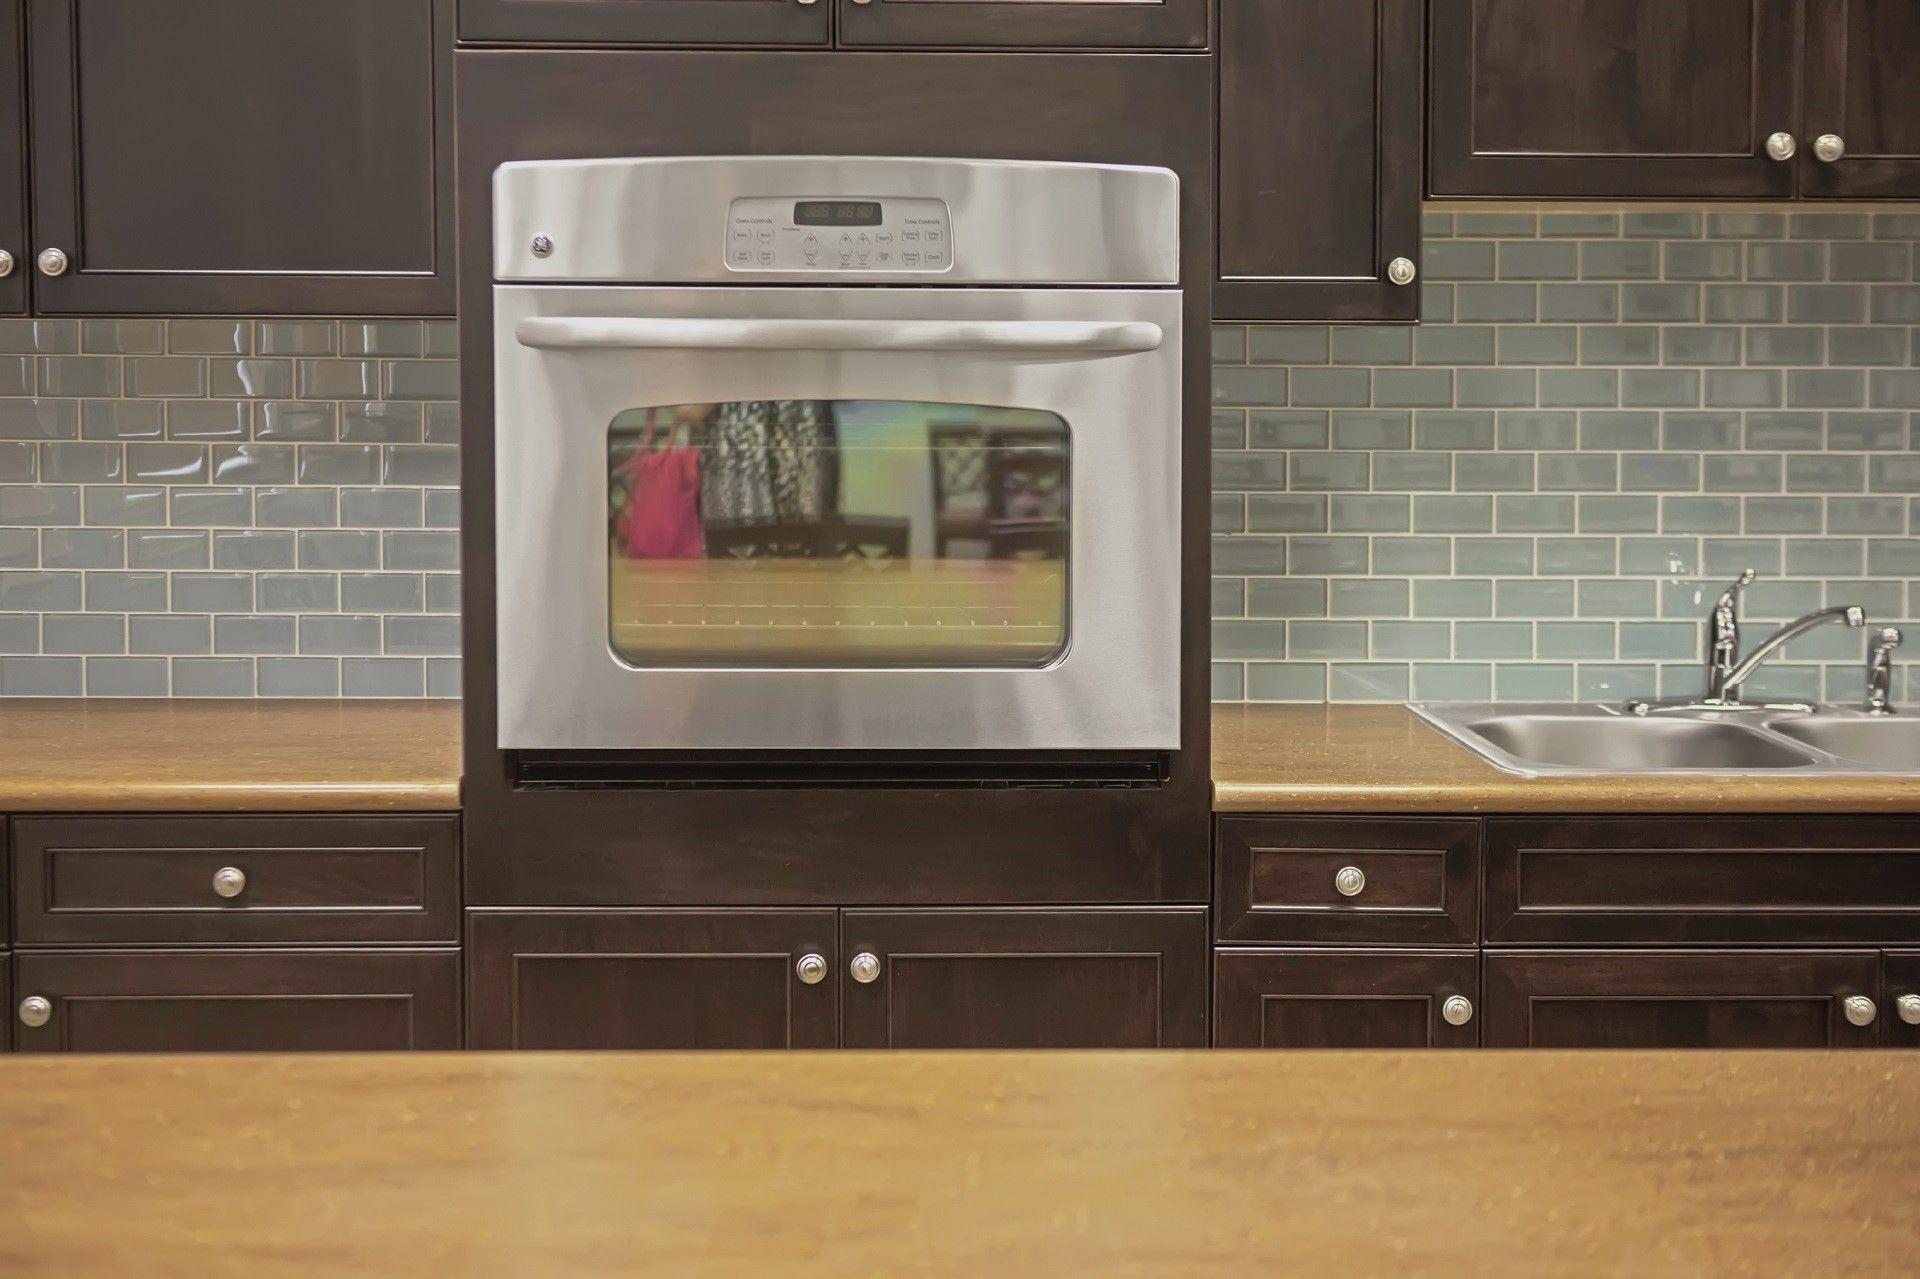 Kitchen Tiles Splashbacks tiled splashback | kitchen | pinterest | kitchen splashback ideas